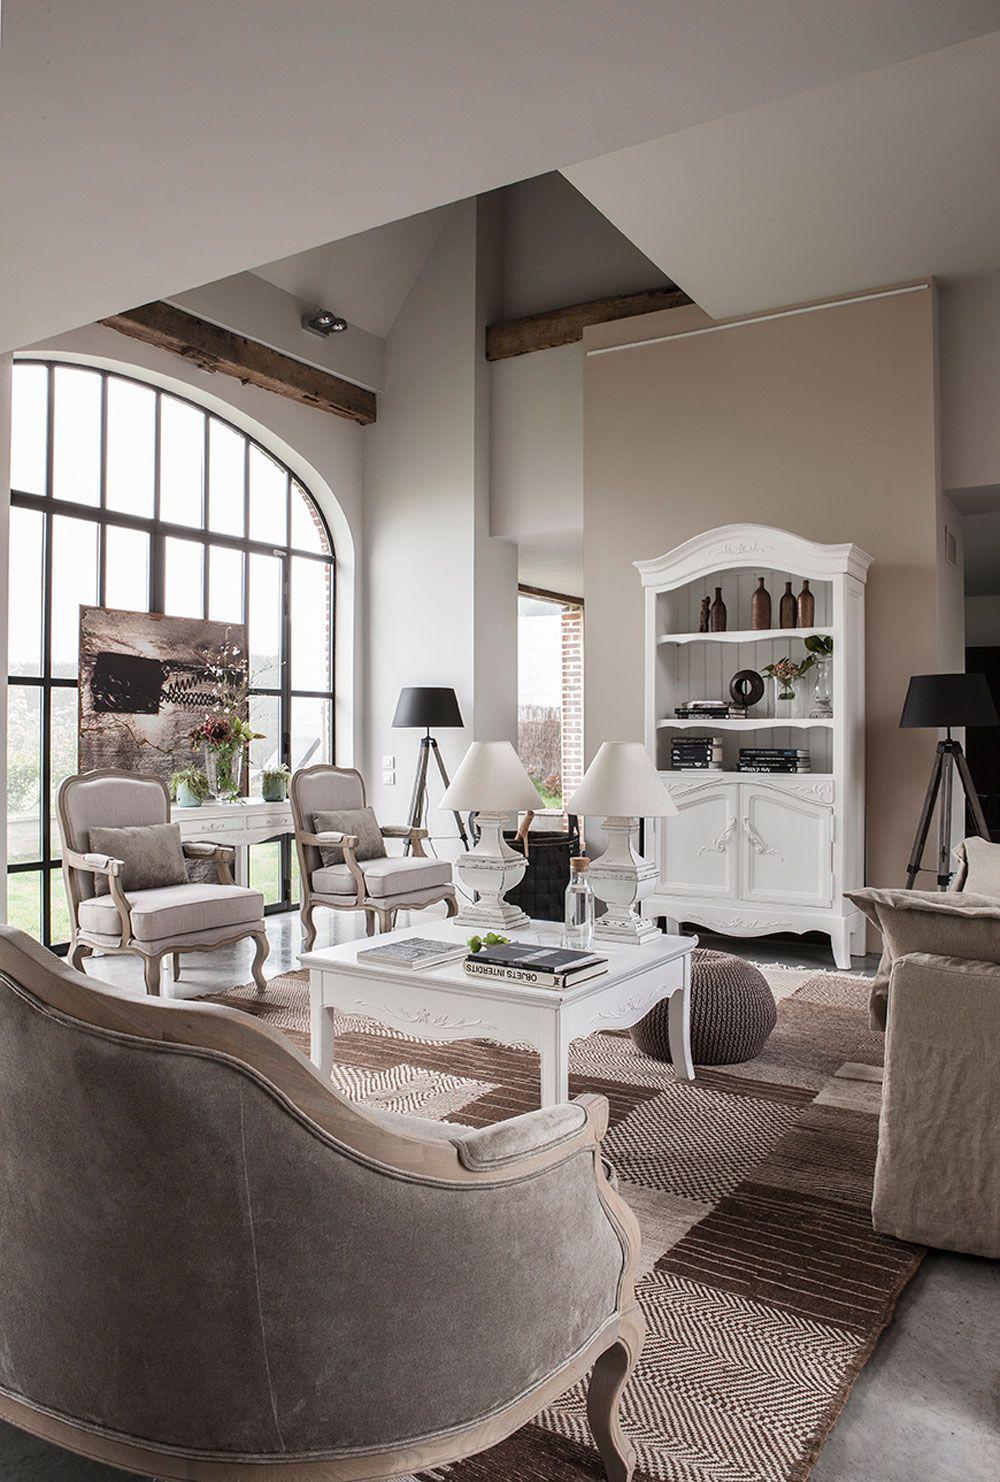 Inspiration Mobilier De Salon Decoration Interieure Et Meuble Bois Massif